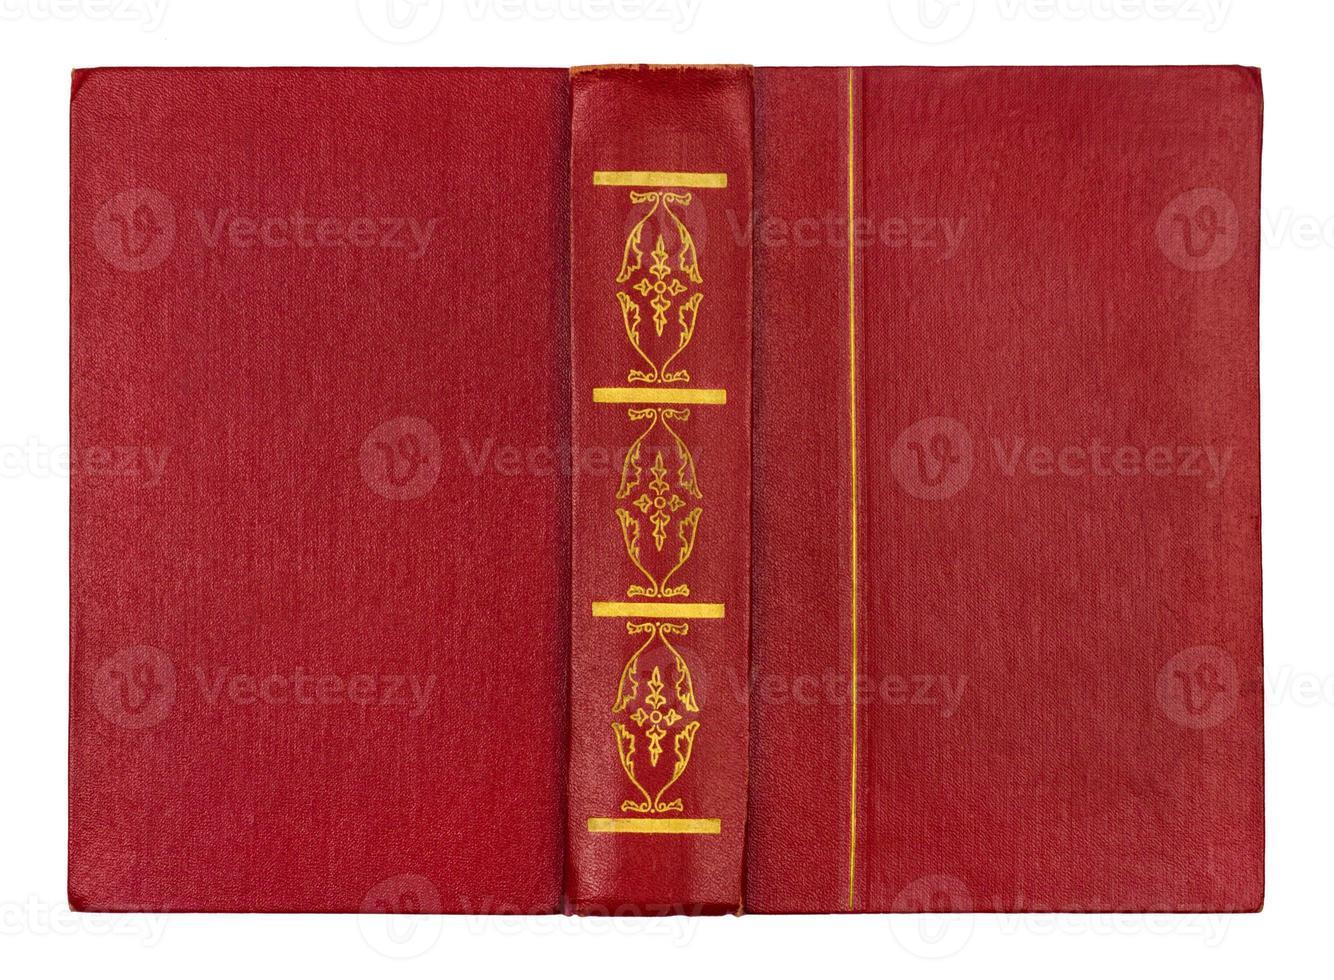 leerer offener roter Buchumschlag isoliert auf weiß foto